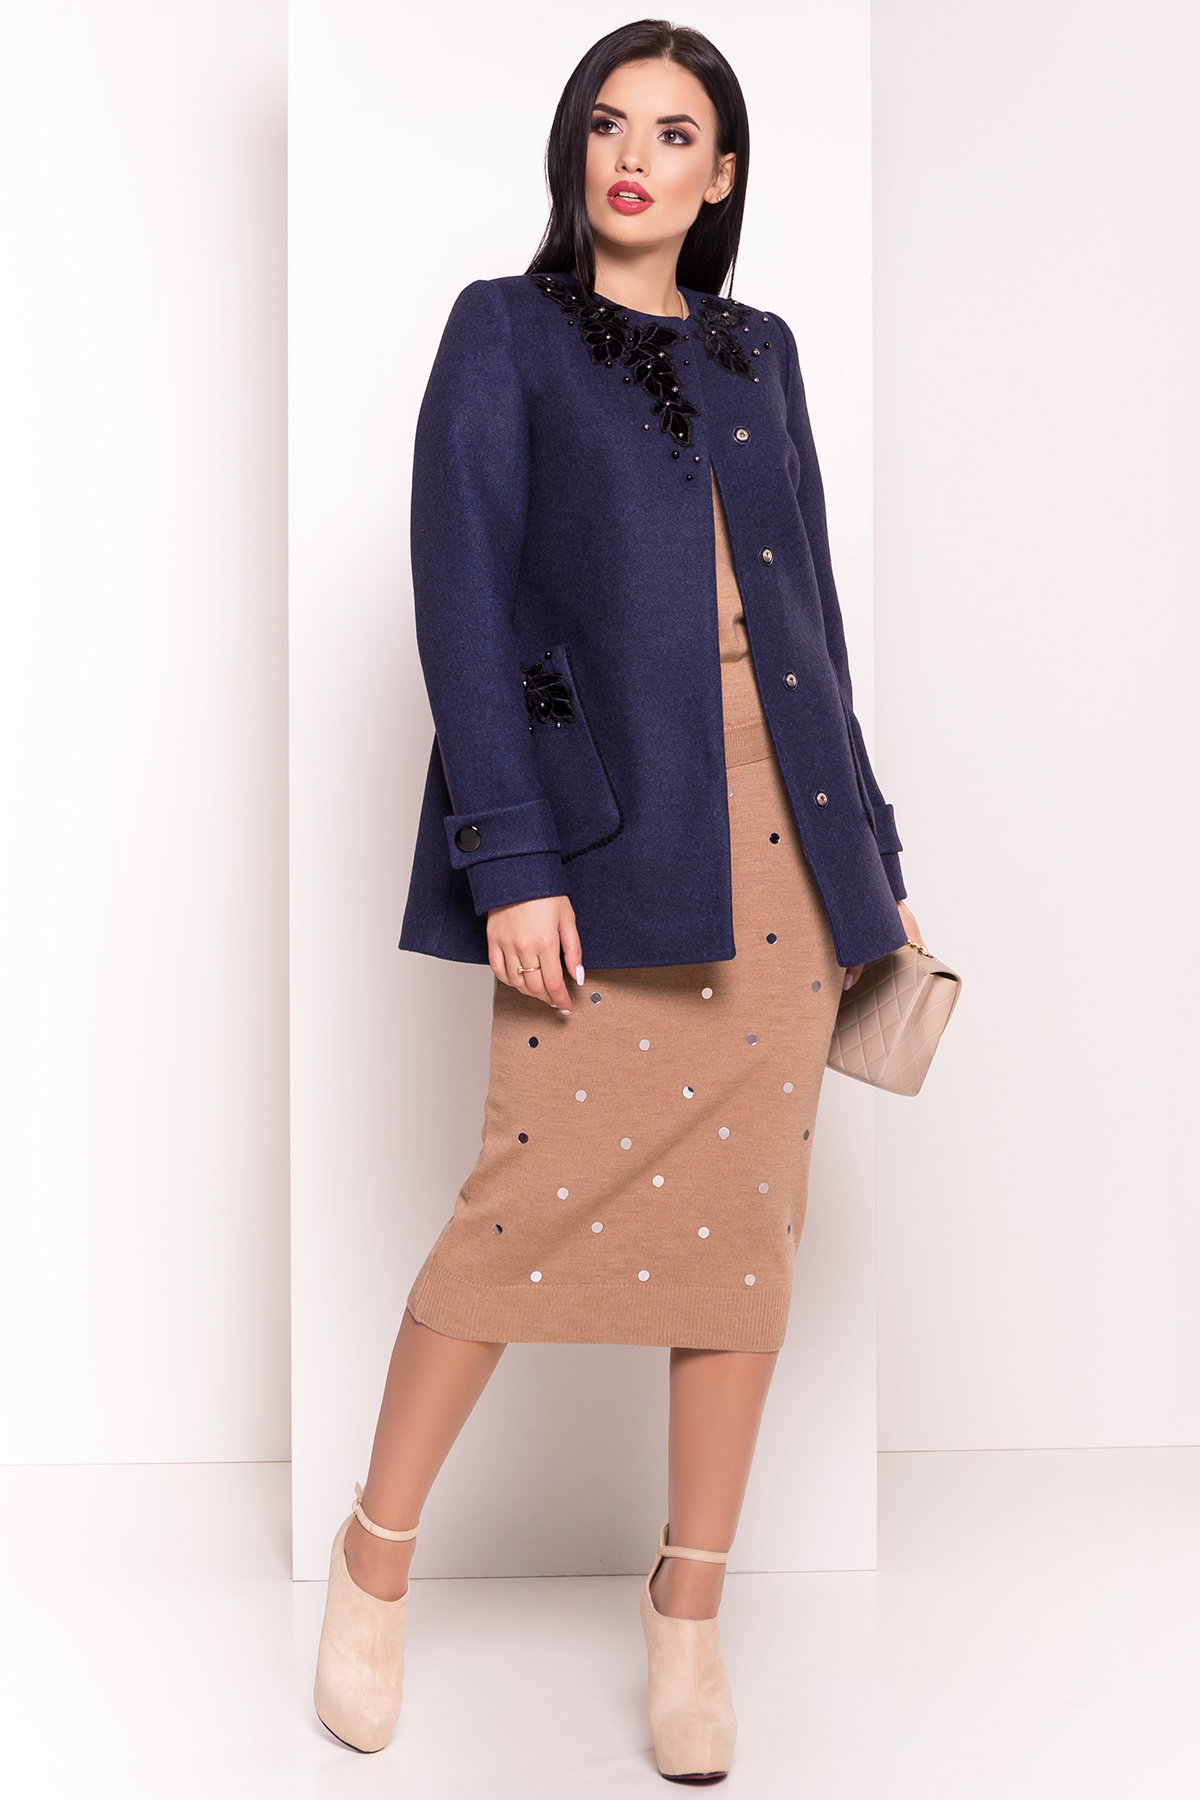 Укороченное пальто-трапеция с вышивкой Латта 5526 АРТ. 37721 Цвет: Синий 1 - фото 3, интернет магазин tm-modus.ru